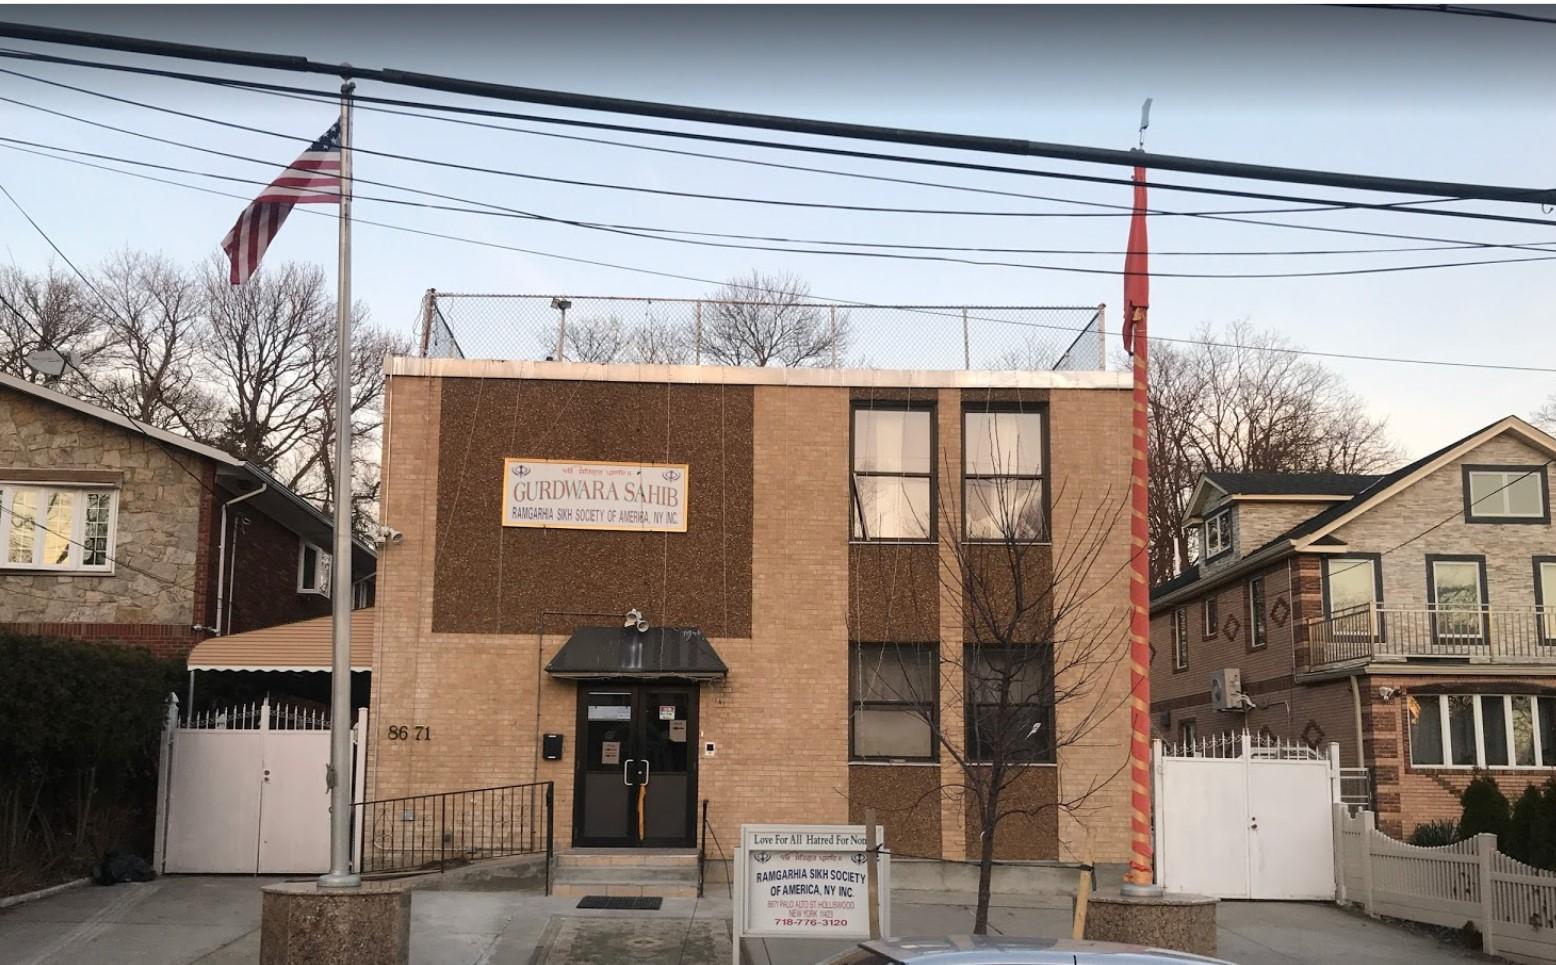 Ramgarhia Sikh Society New York